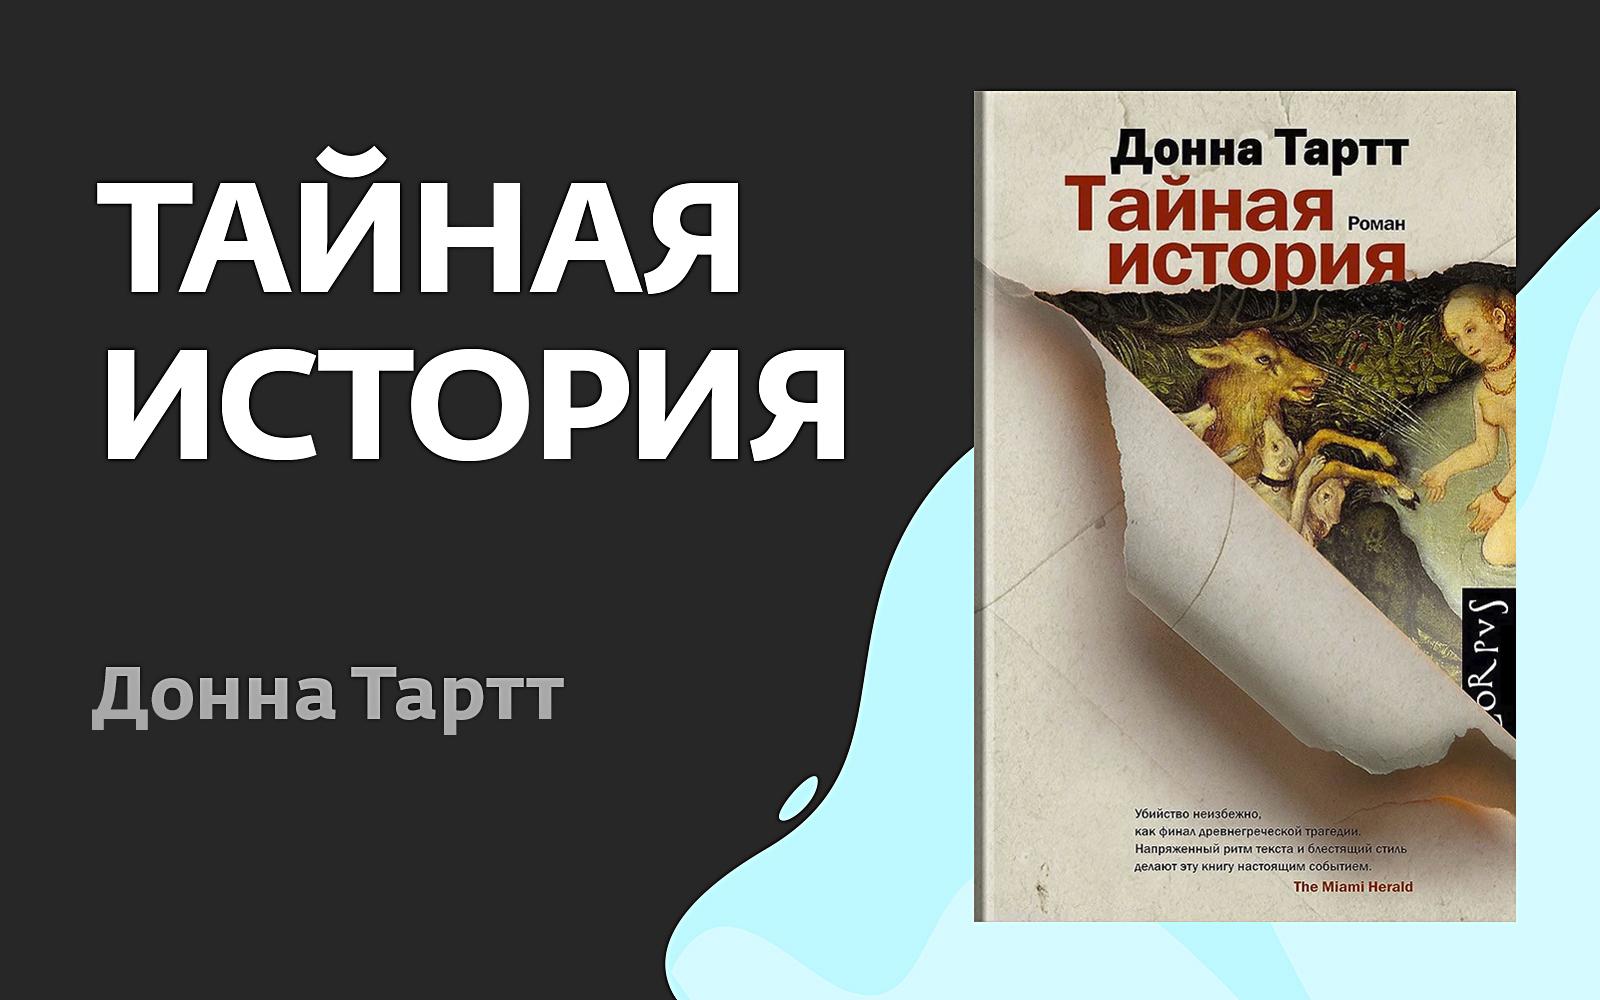 РЕЦЕНЗИЯ ЧИТАТЕЛЯ: «Тайная история». Донна Тартт